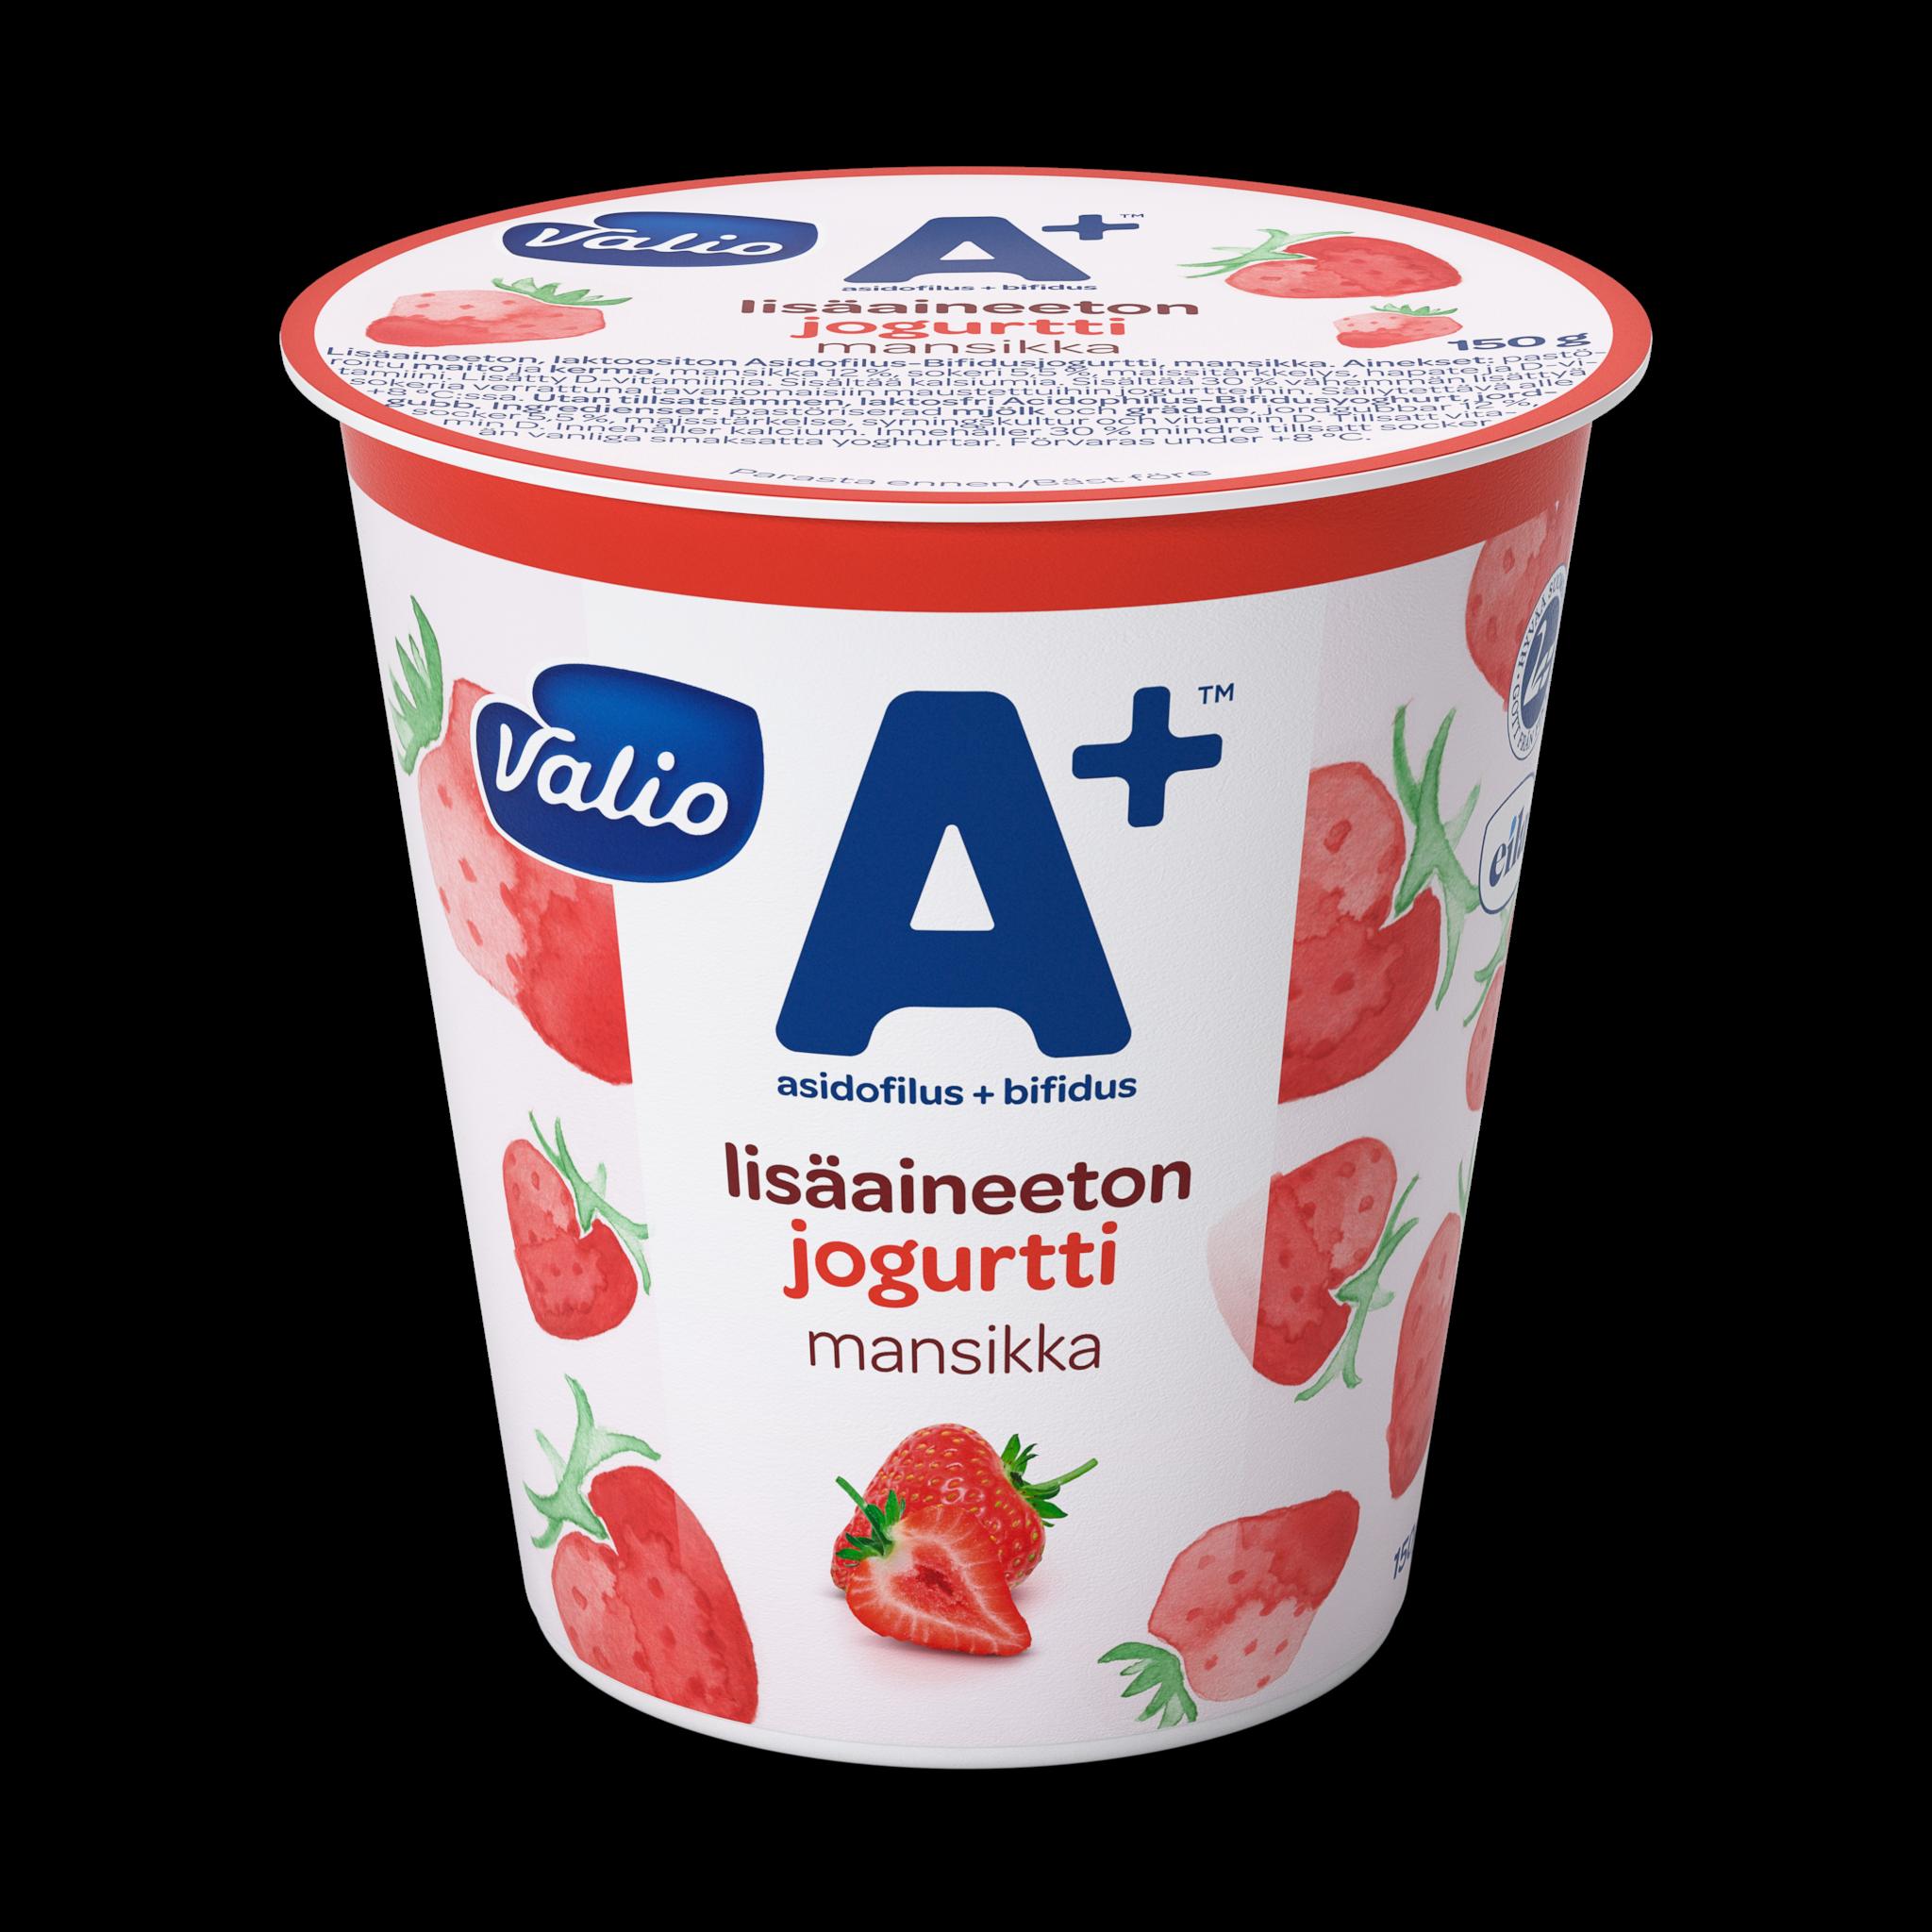 Valio A+™ lisäaineeton jogurtti mansikka laktoositon